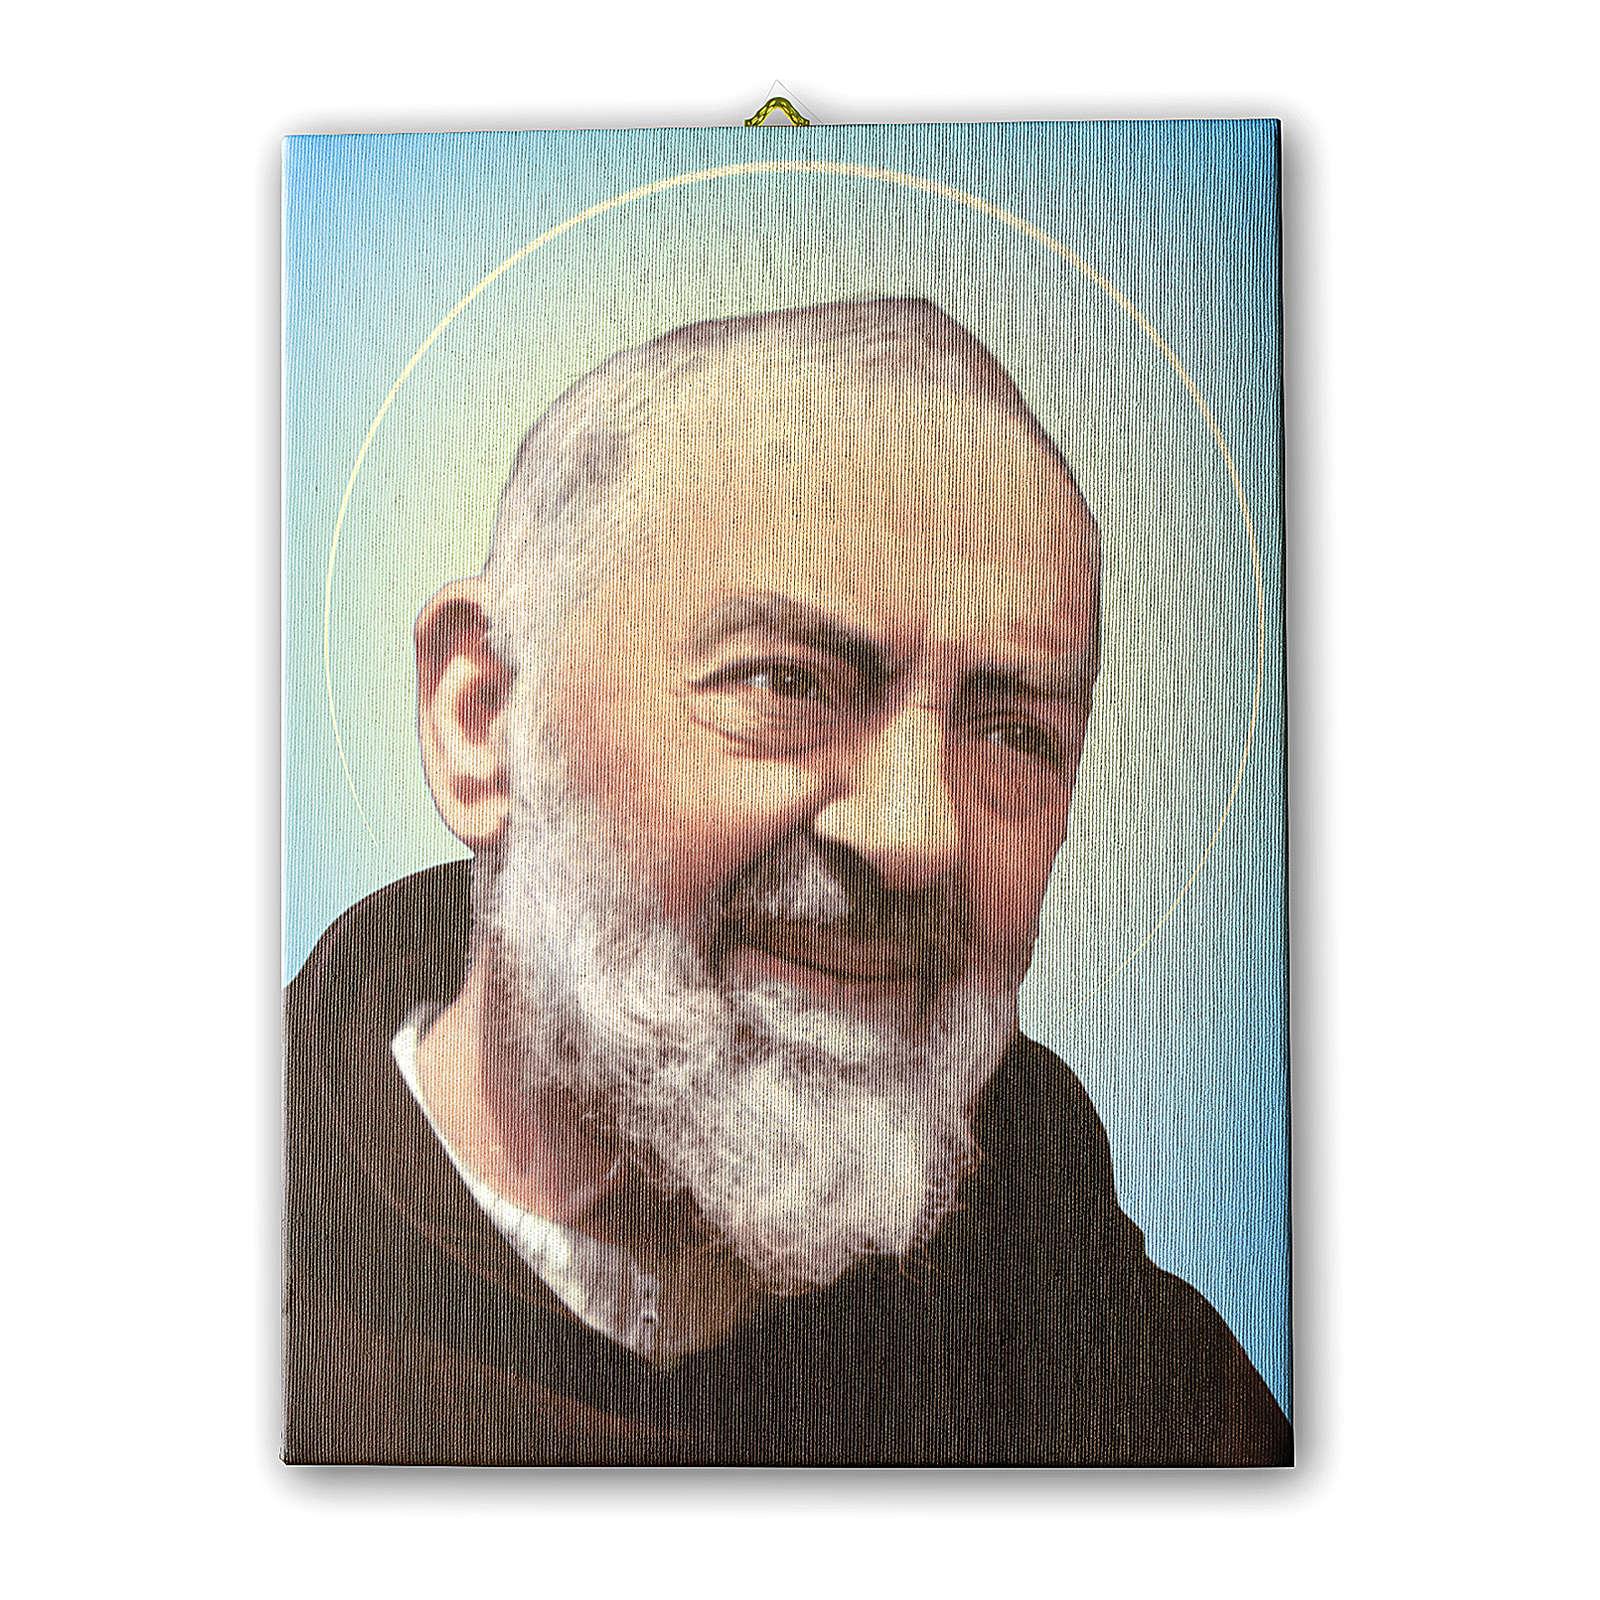 Cuadro sobre tela pictórica Padre Pío 25x20 cm 3